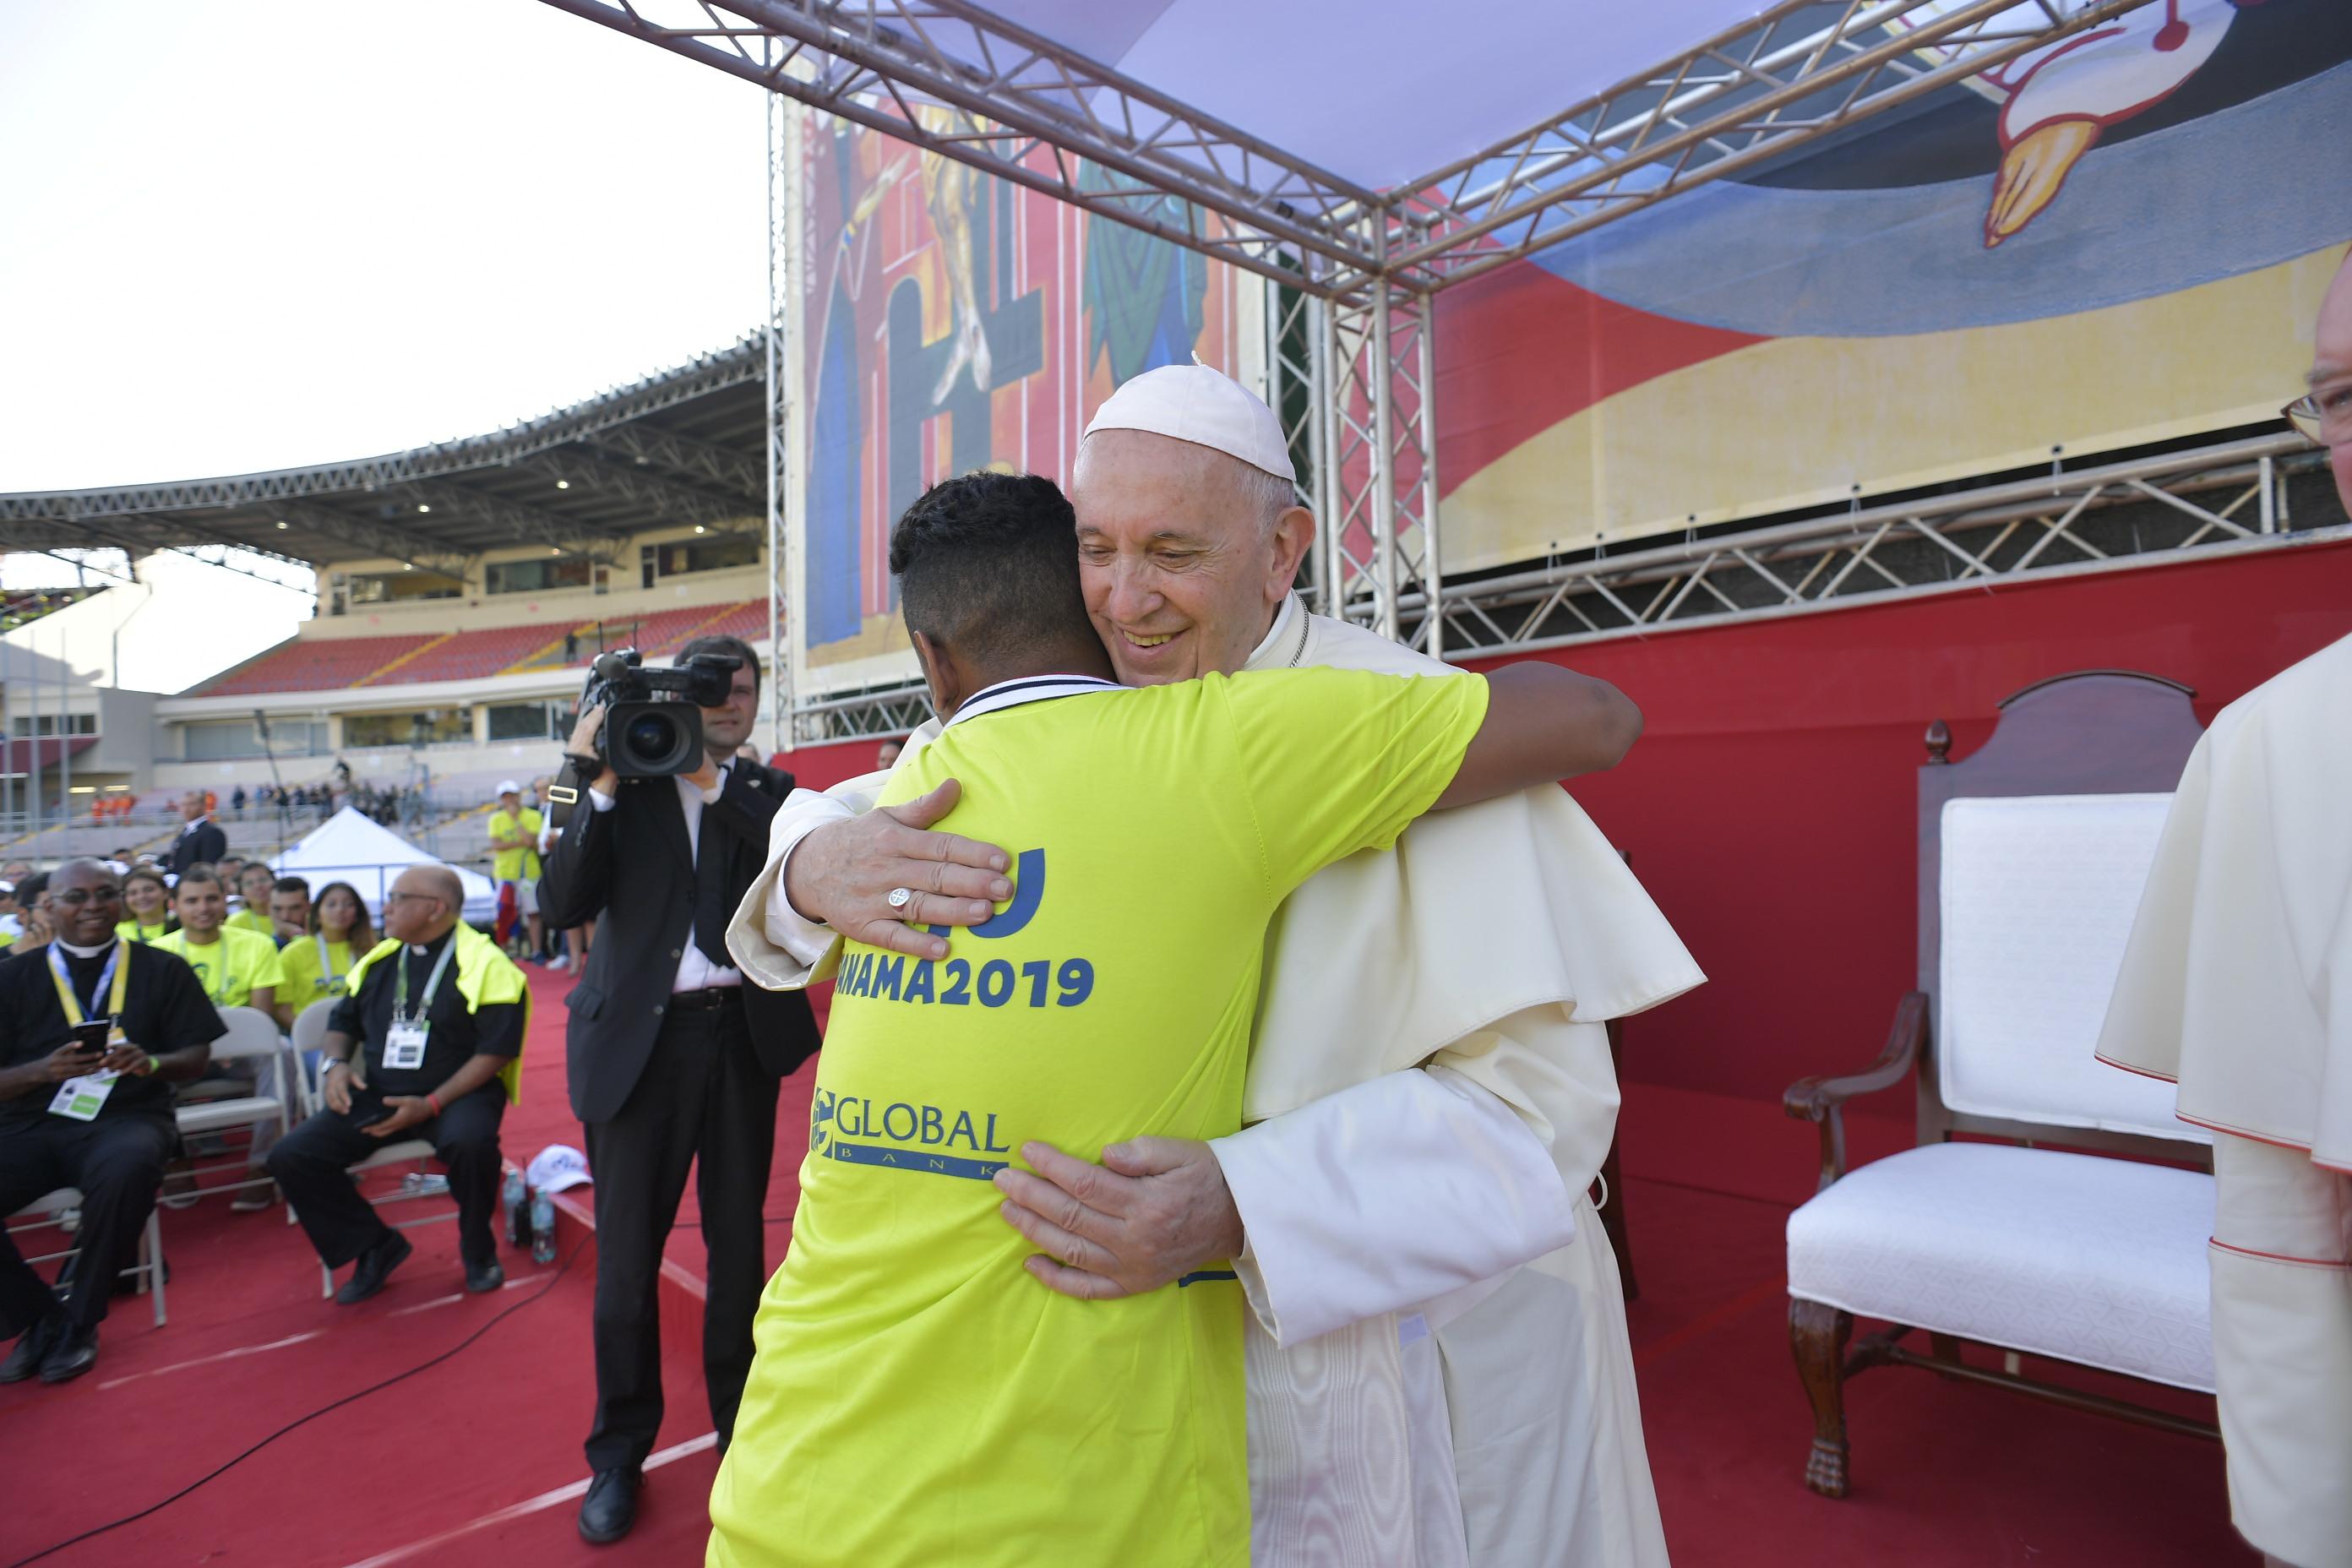 Un voluntario de la JMJ Panamá 2019 abraza al Papa © Vatican Media